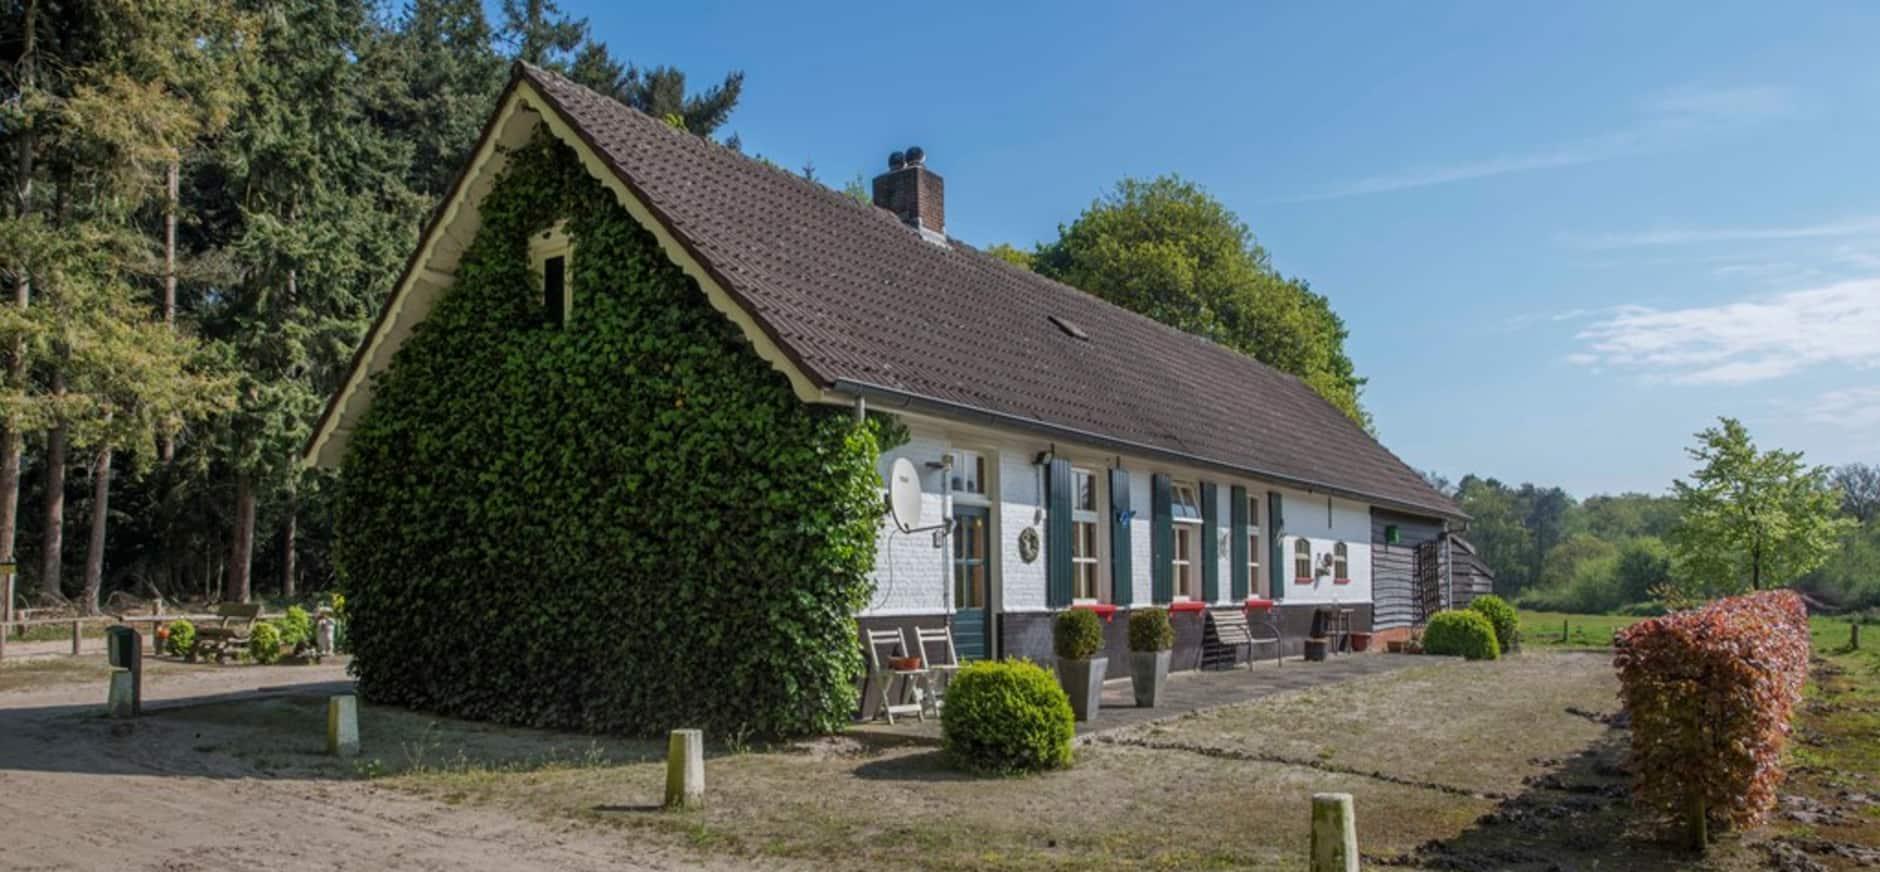 Wonen bij natuurmonumenten for Opknap boerderij te koop gelderland